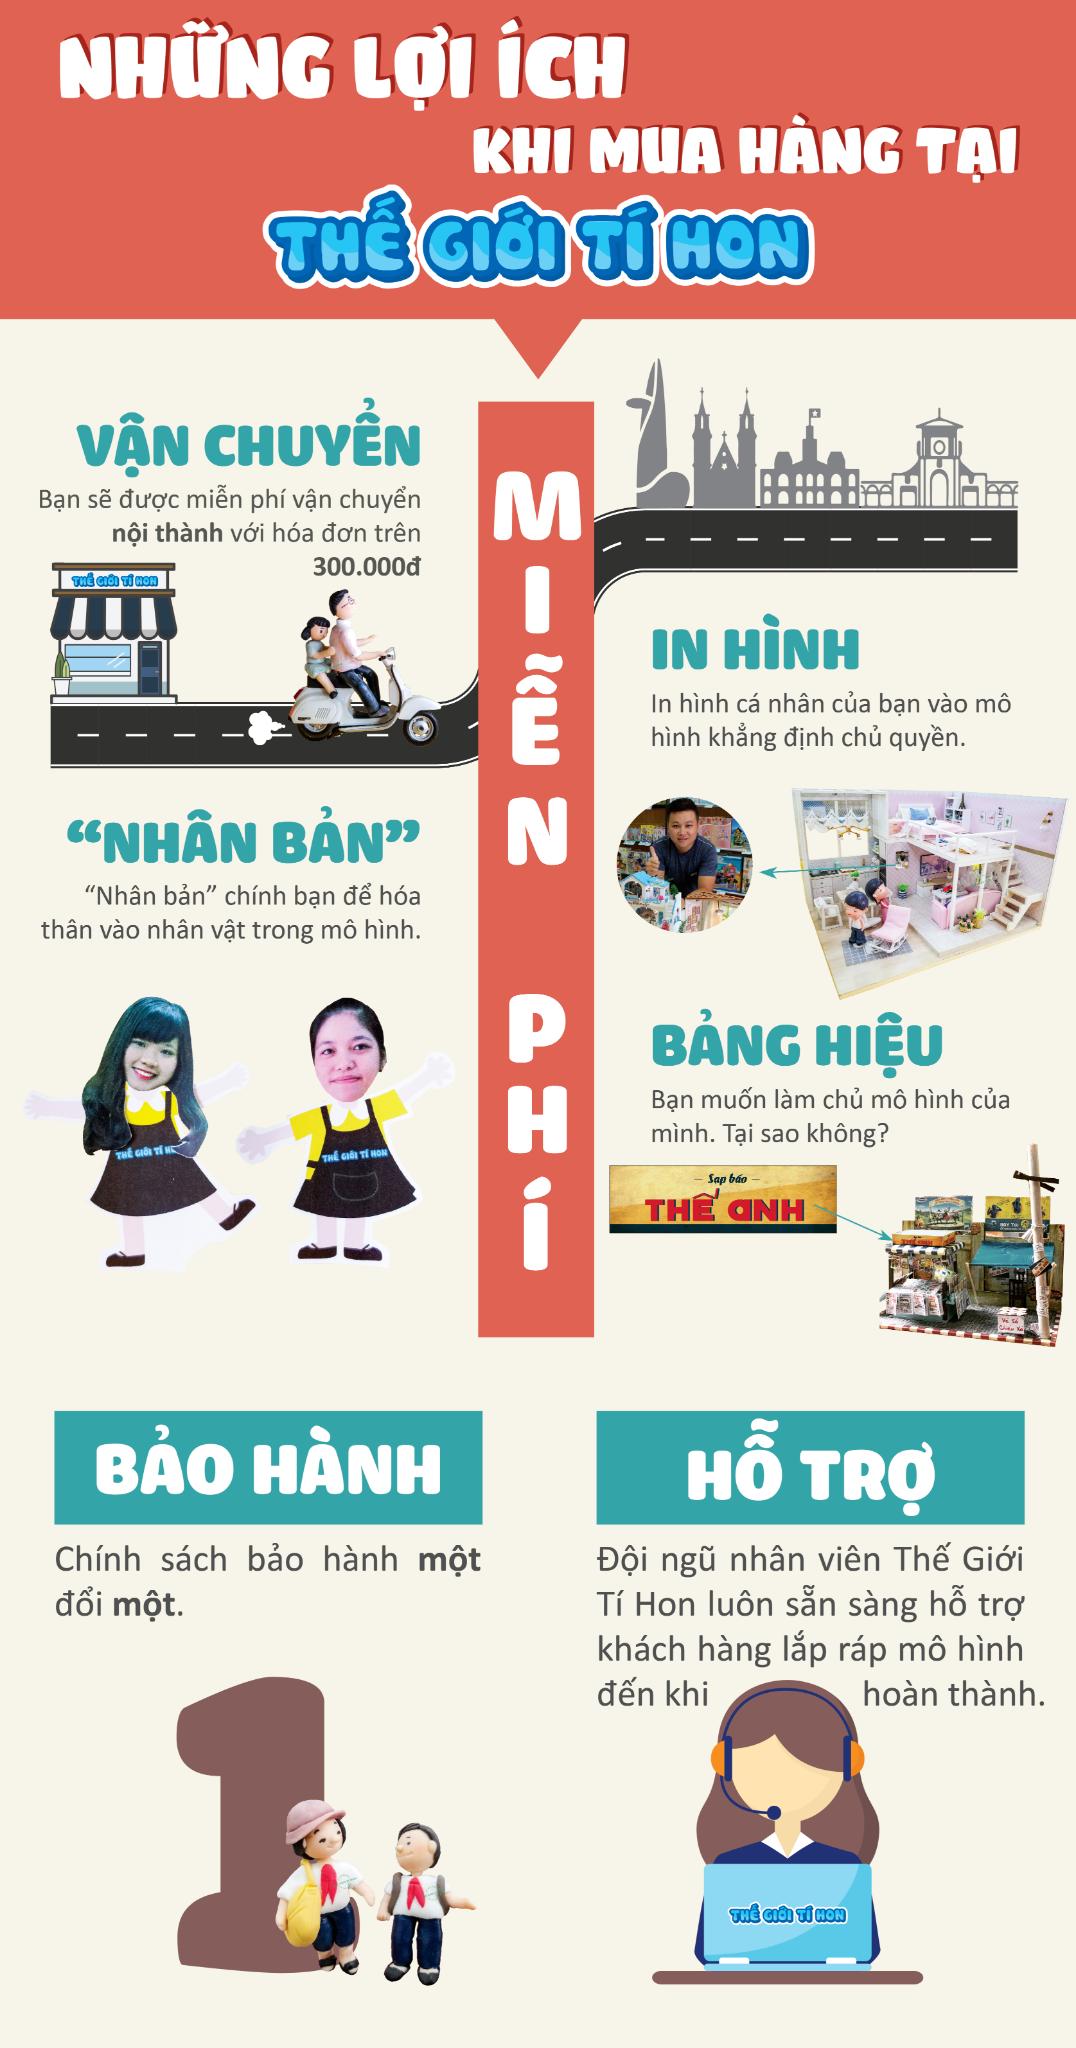 Đồ Chơi Mô Hình Gỗ DIY Tí Hon Tiệm Gạo Sài Gòn Xưa Của Bạn Linh